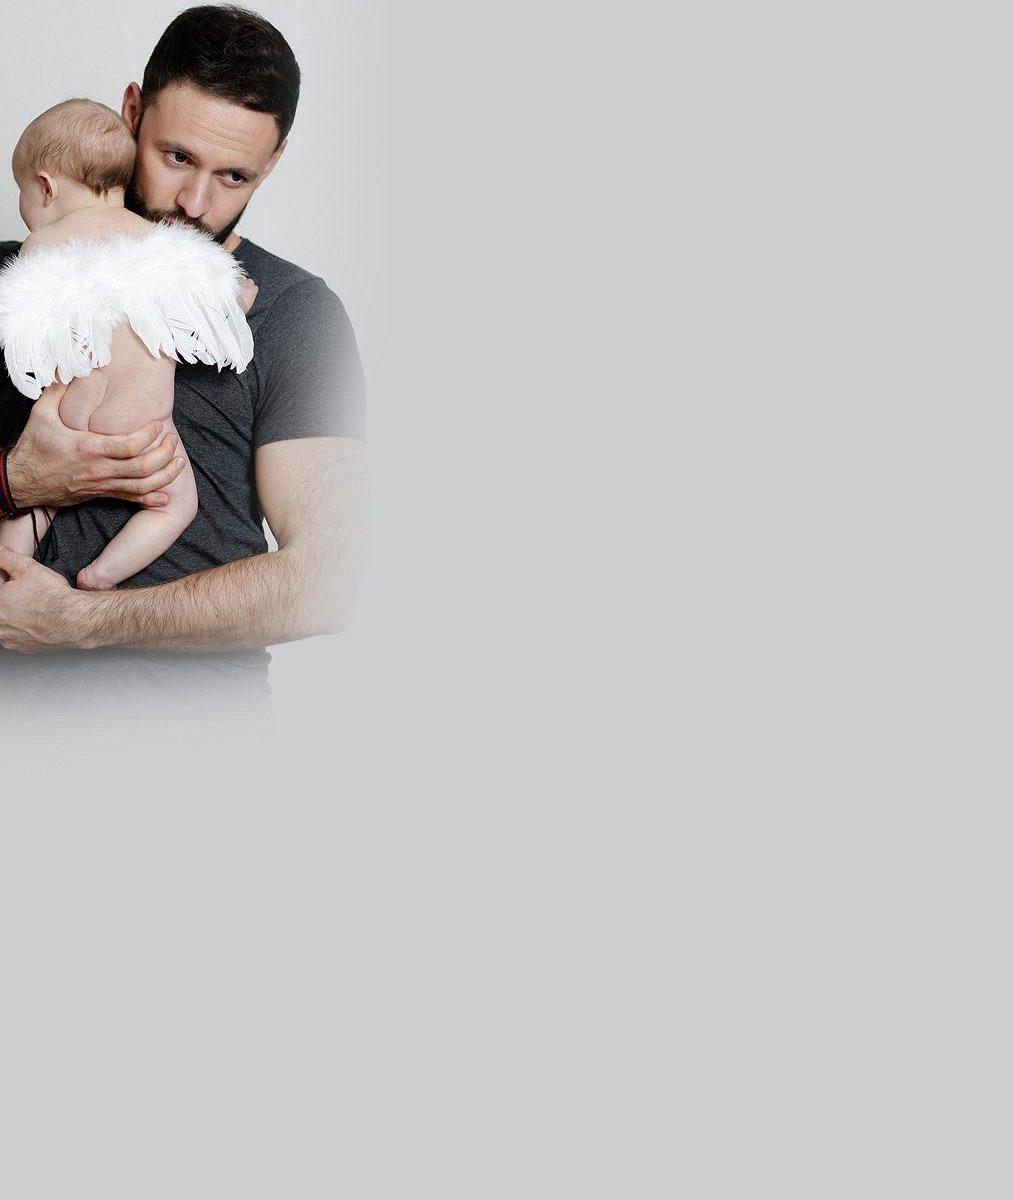 Český zpěvák má krásnou rodinu: Pochlubil se mladou manželkou i tříměsíčním miminkem